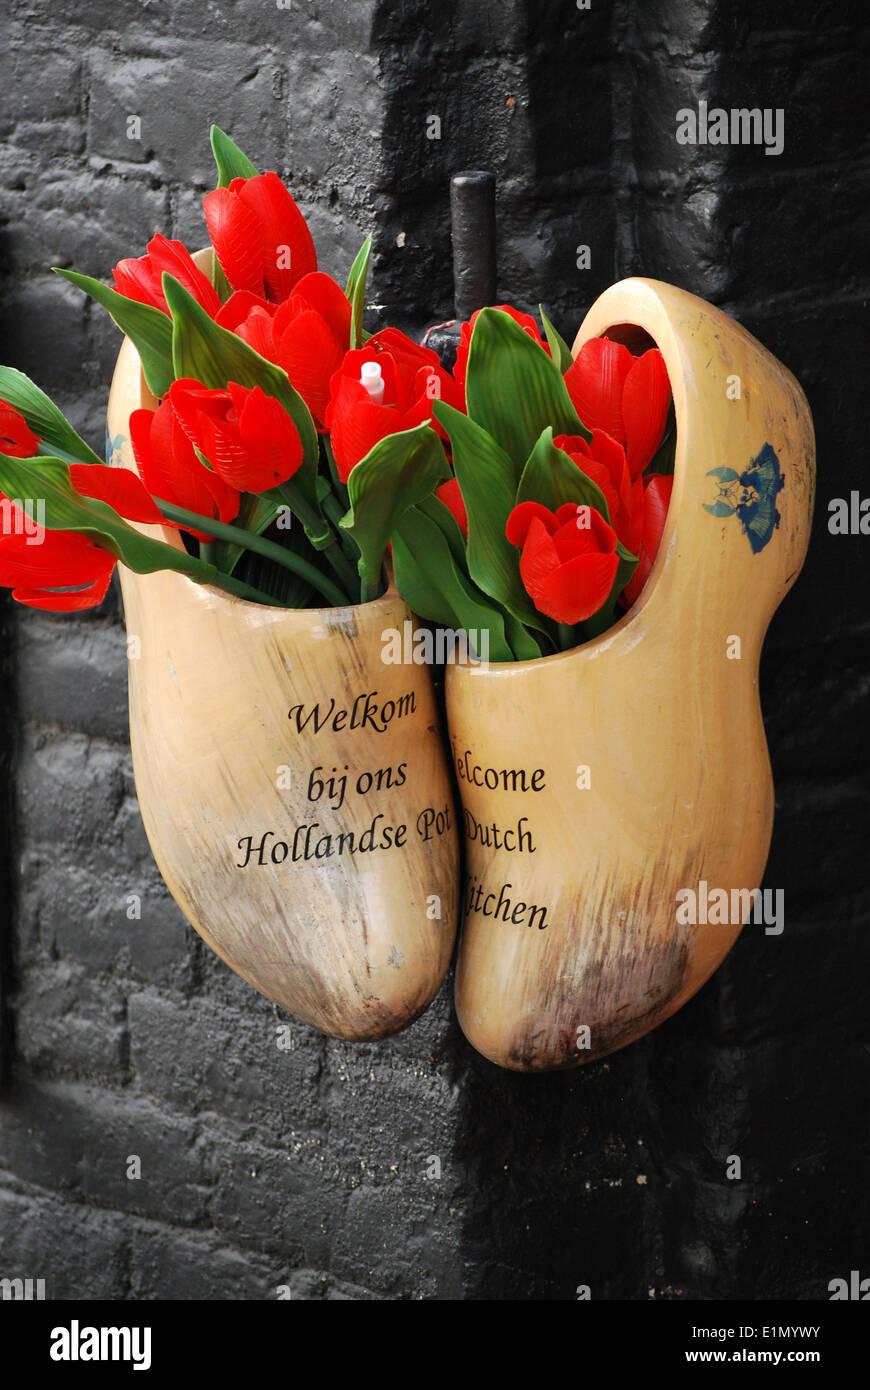 Amsterdam zoccoli di legno con i tulipani. Immagini Stock